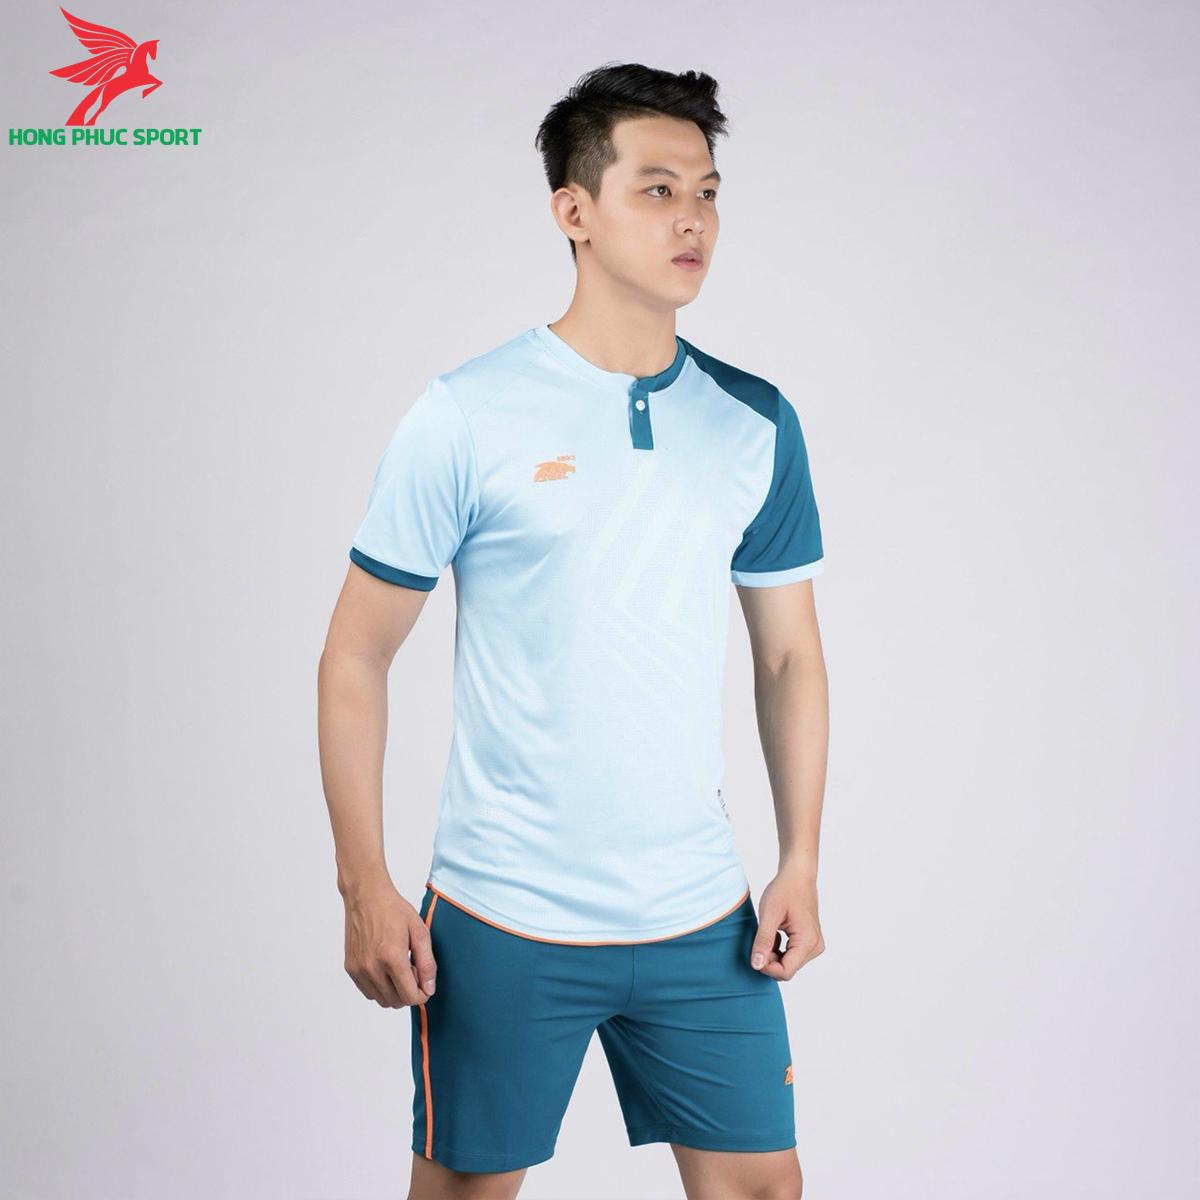 áo bóng đá không logo Riki Lostoran xanh dương